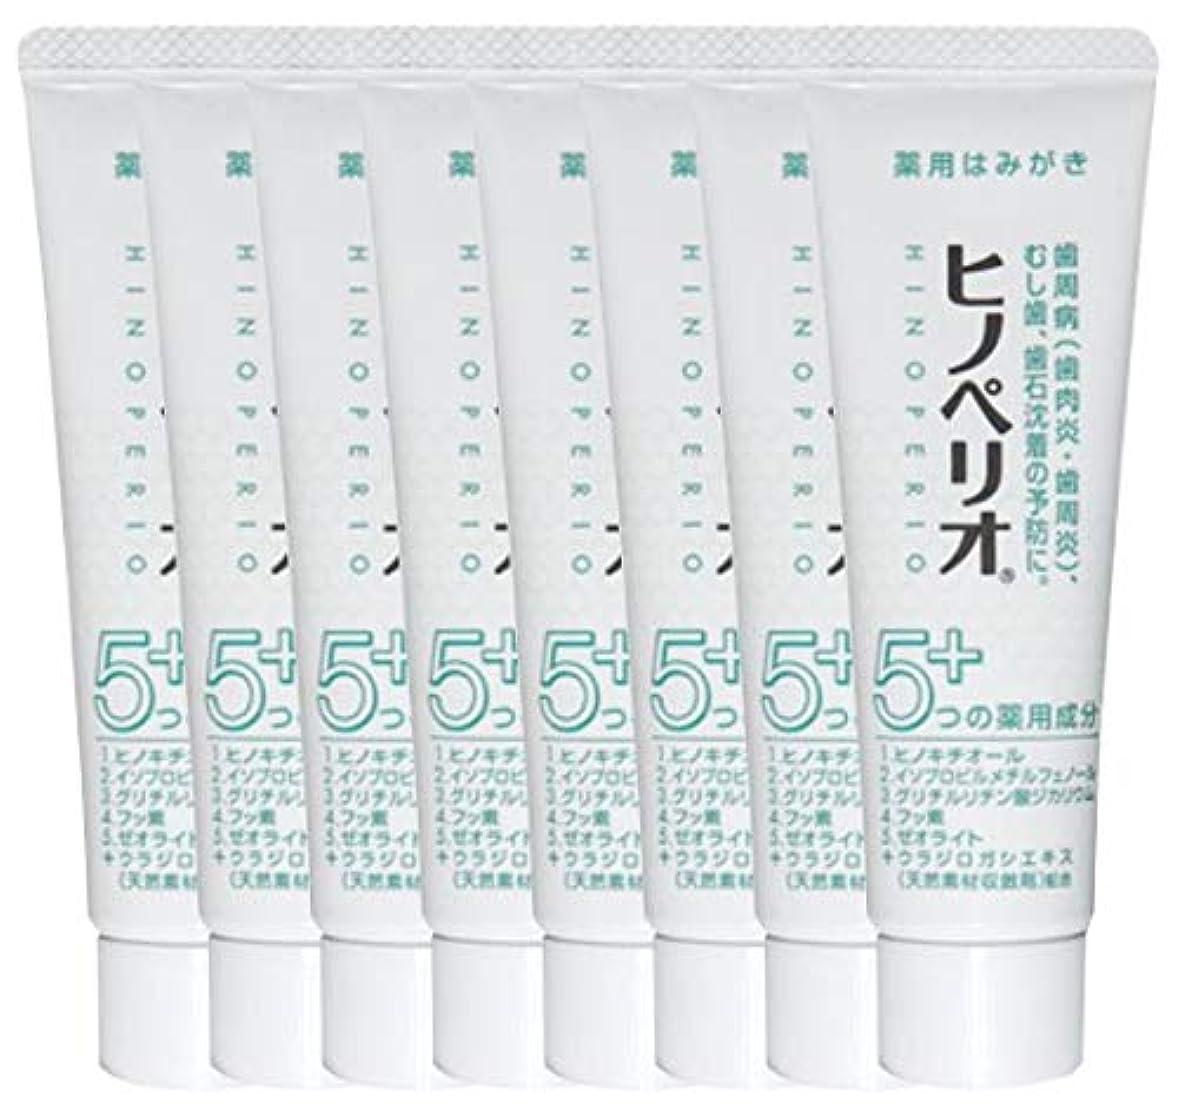 血統ピンポイントスクリーチ昭和薬品 ヒノペリオ60g 医薬部外品 × 8本